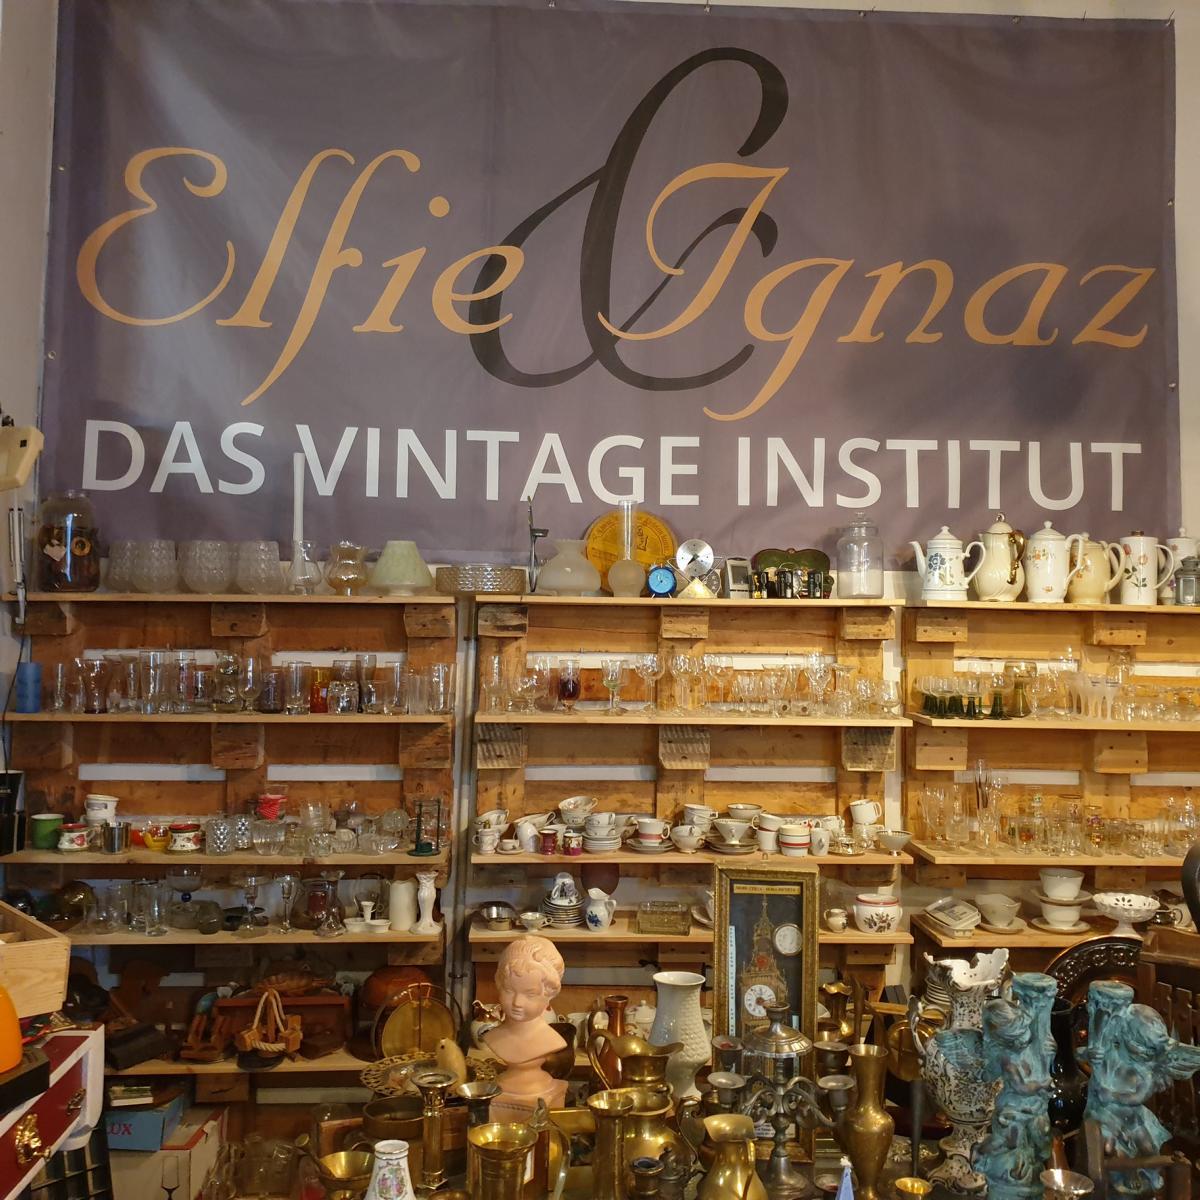 Style Hannover Elfie und Iganz B - Dein Kiez